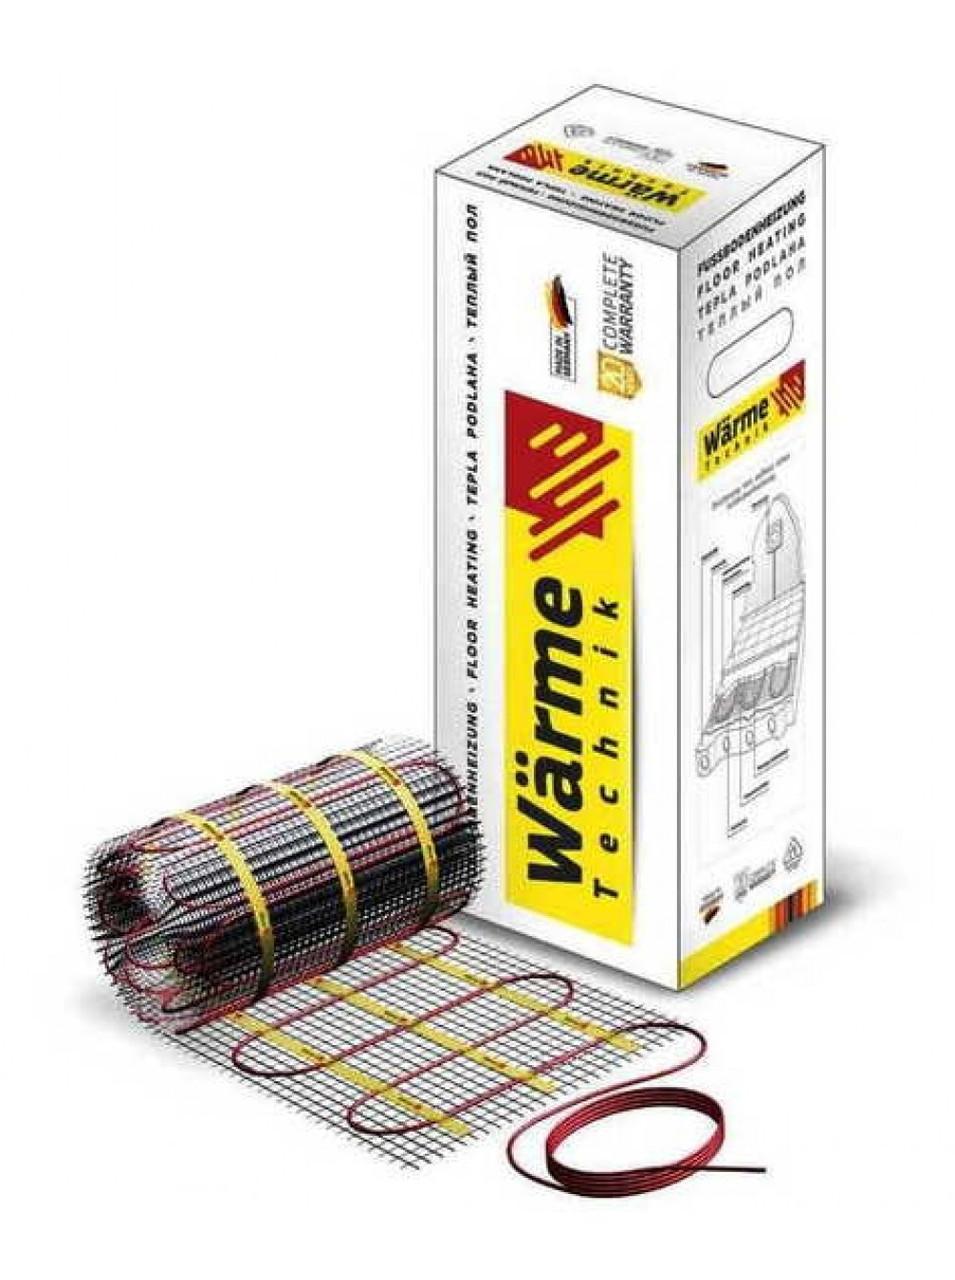 Нагревательный мат Wärme Twin mat   6.0 м²  900 W